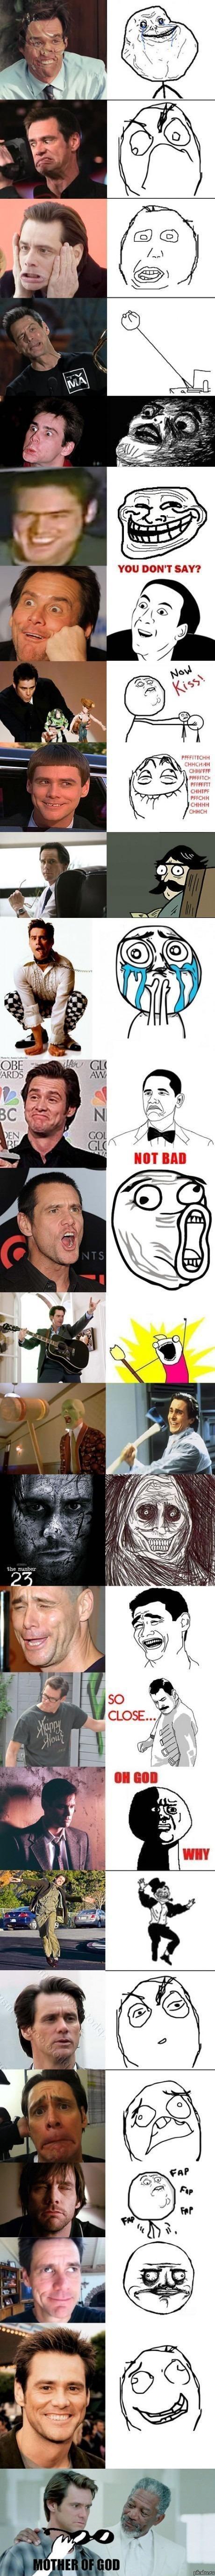 Jim Carrey, el padre de todo meme